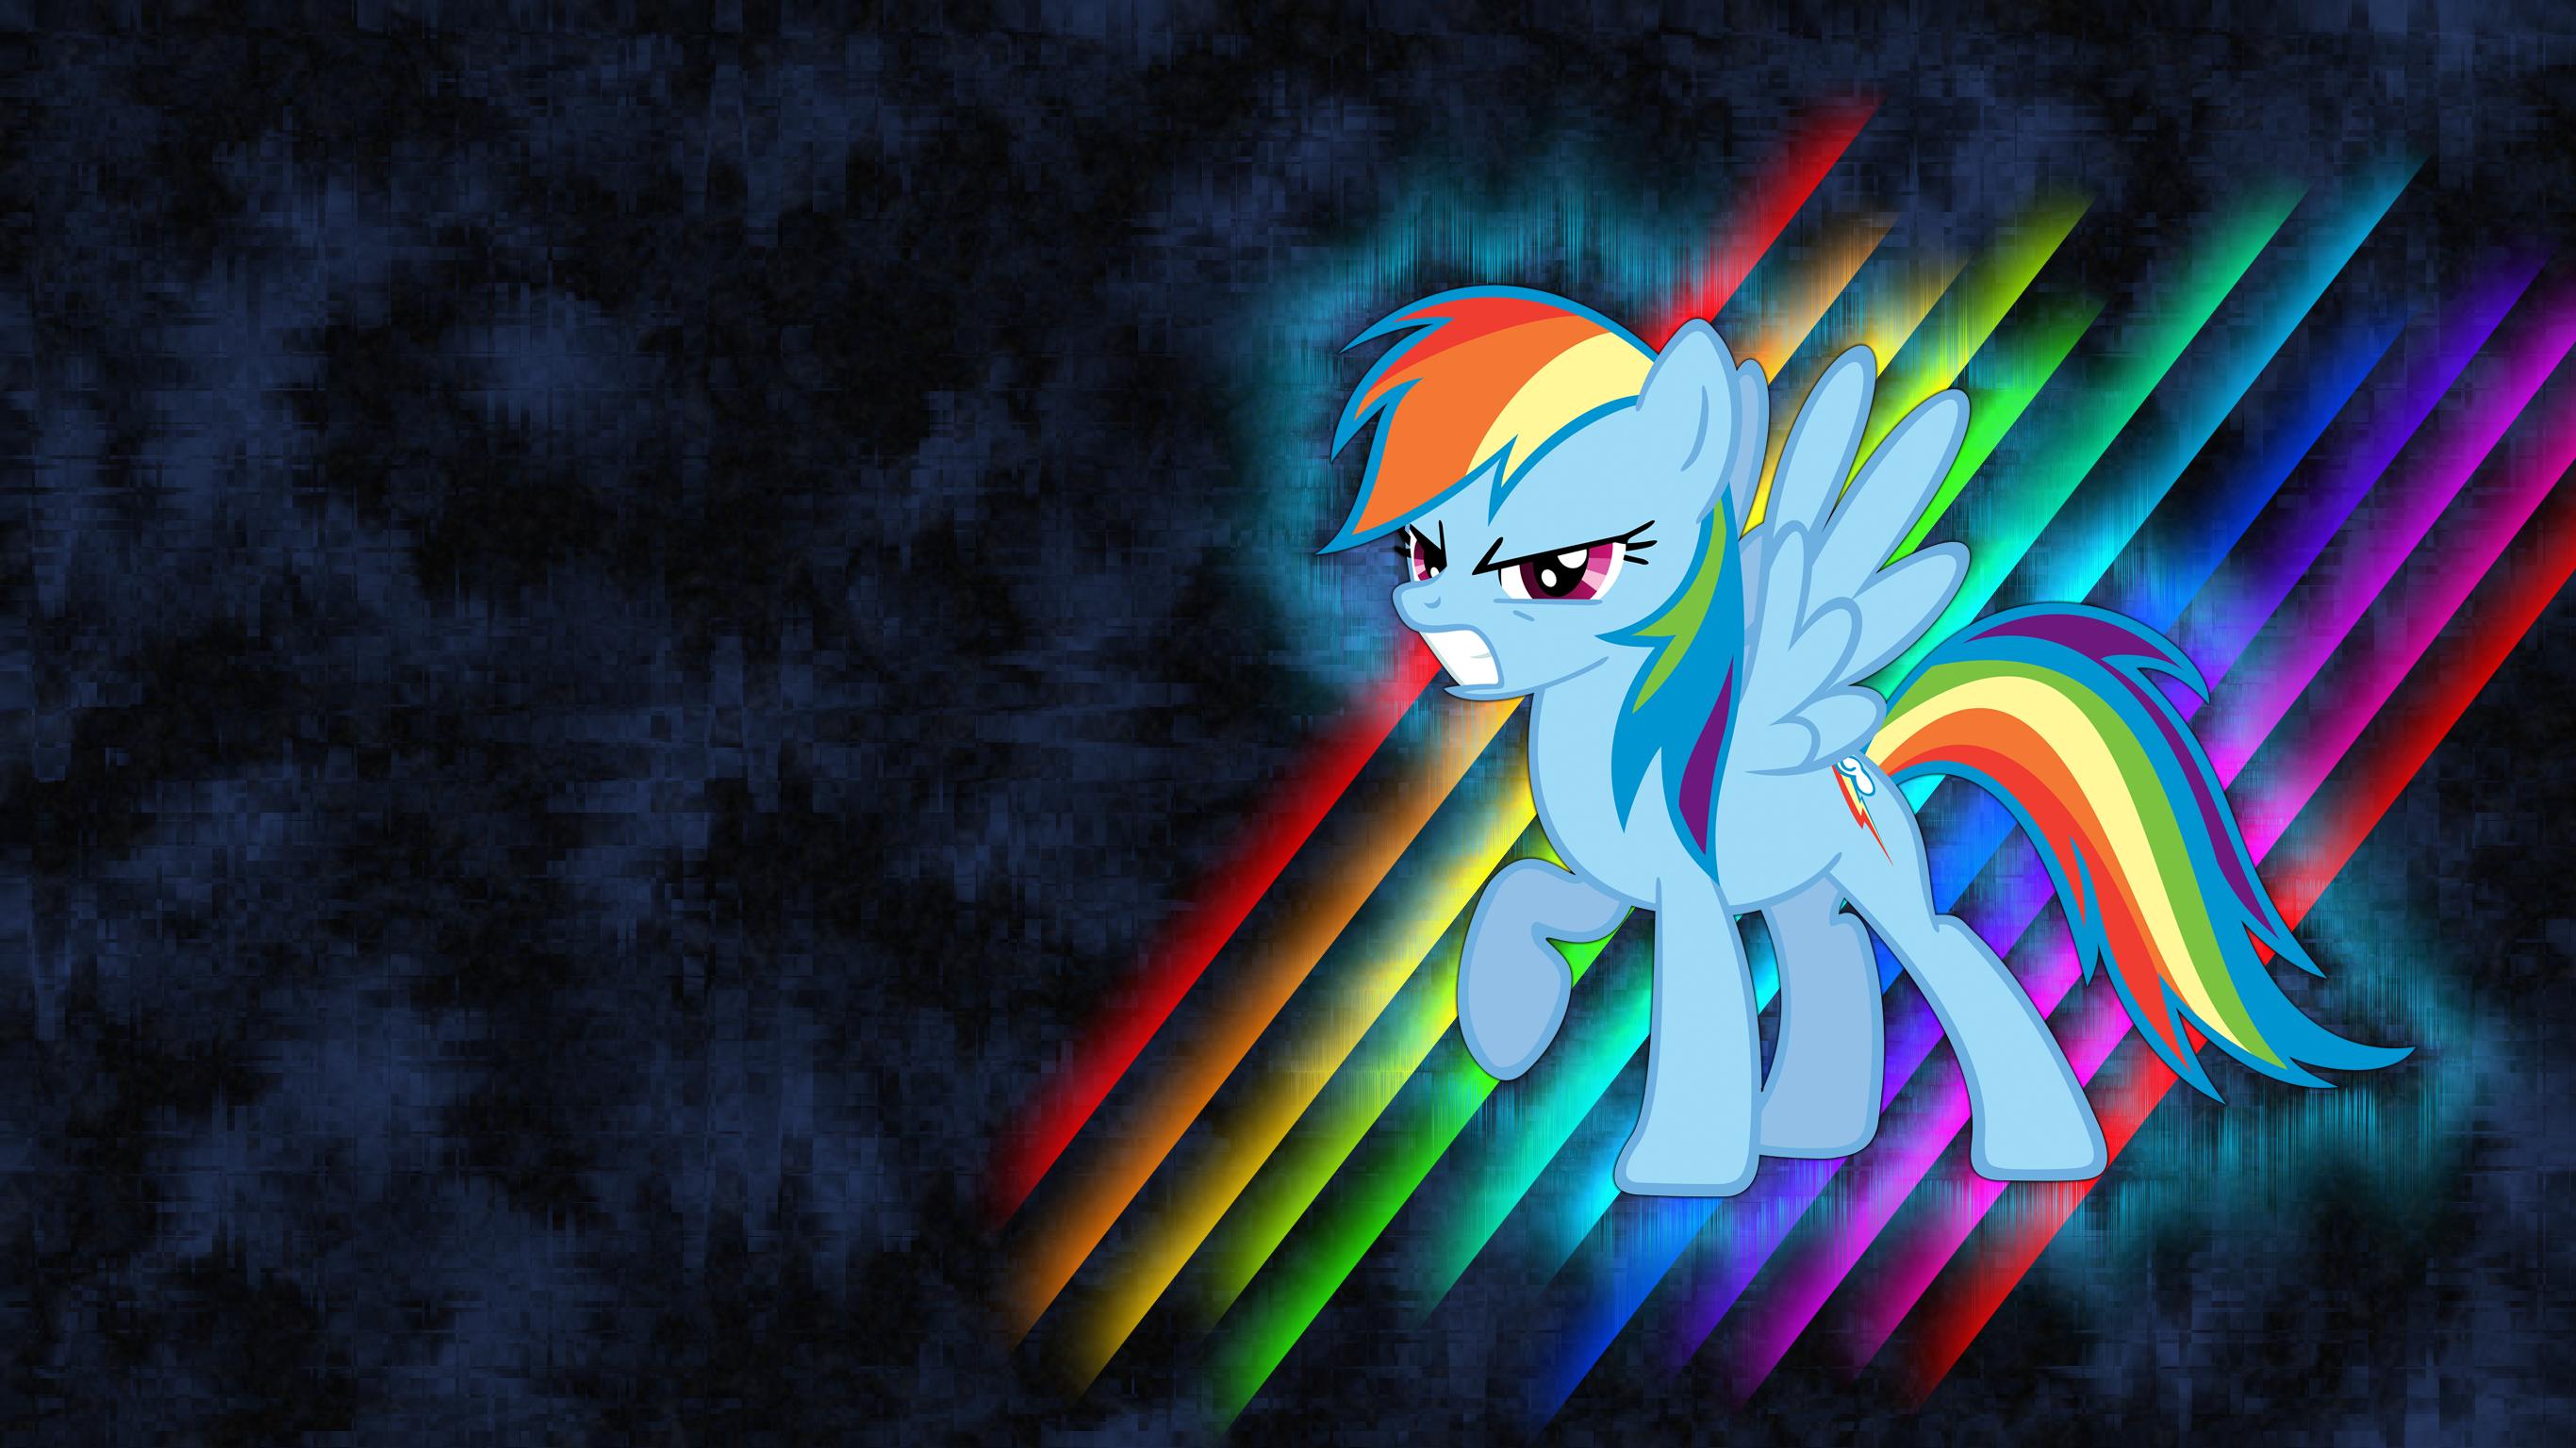 Rainbow Dash Wallpaper by piranhaplant1 on DeviantArt